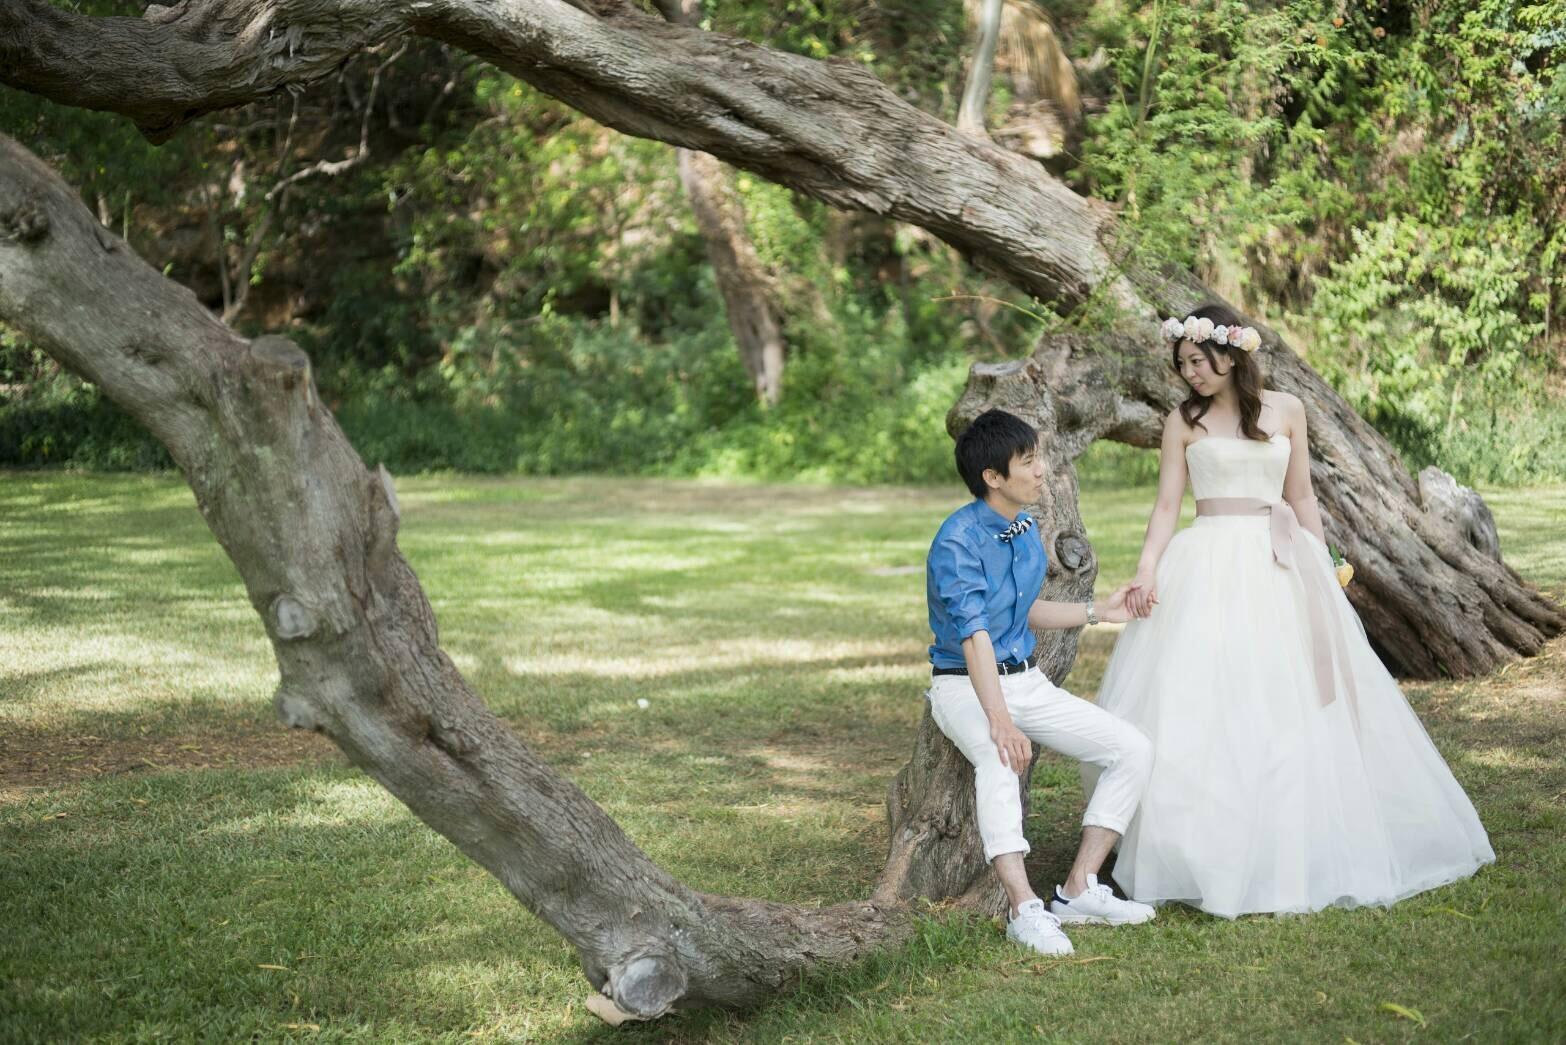 5月の花嫁_b0208604_23493299.jpeg